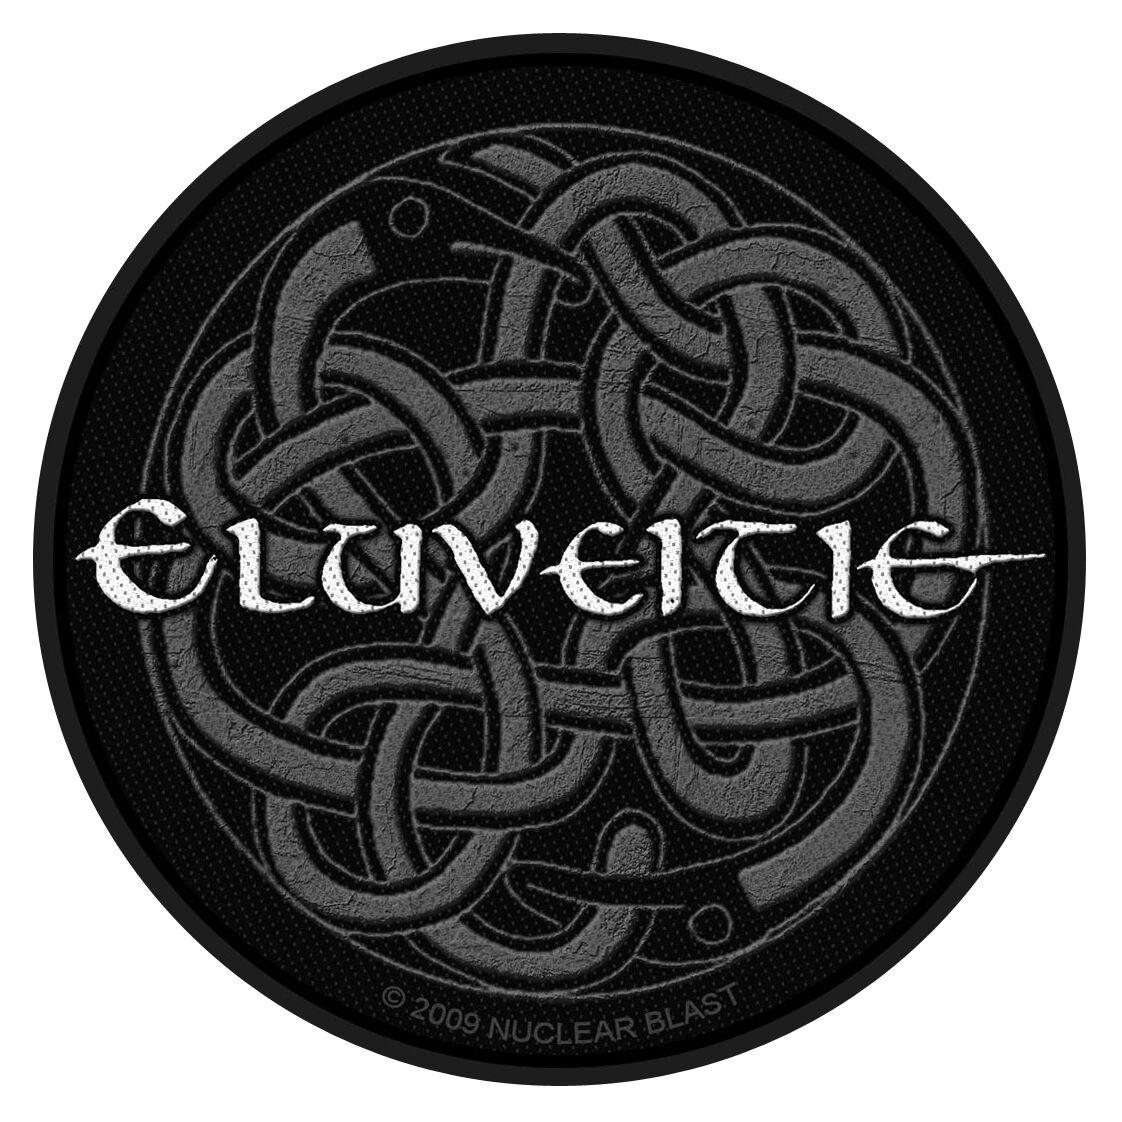 Eluveitie Logo Patch Standard